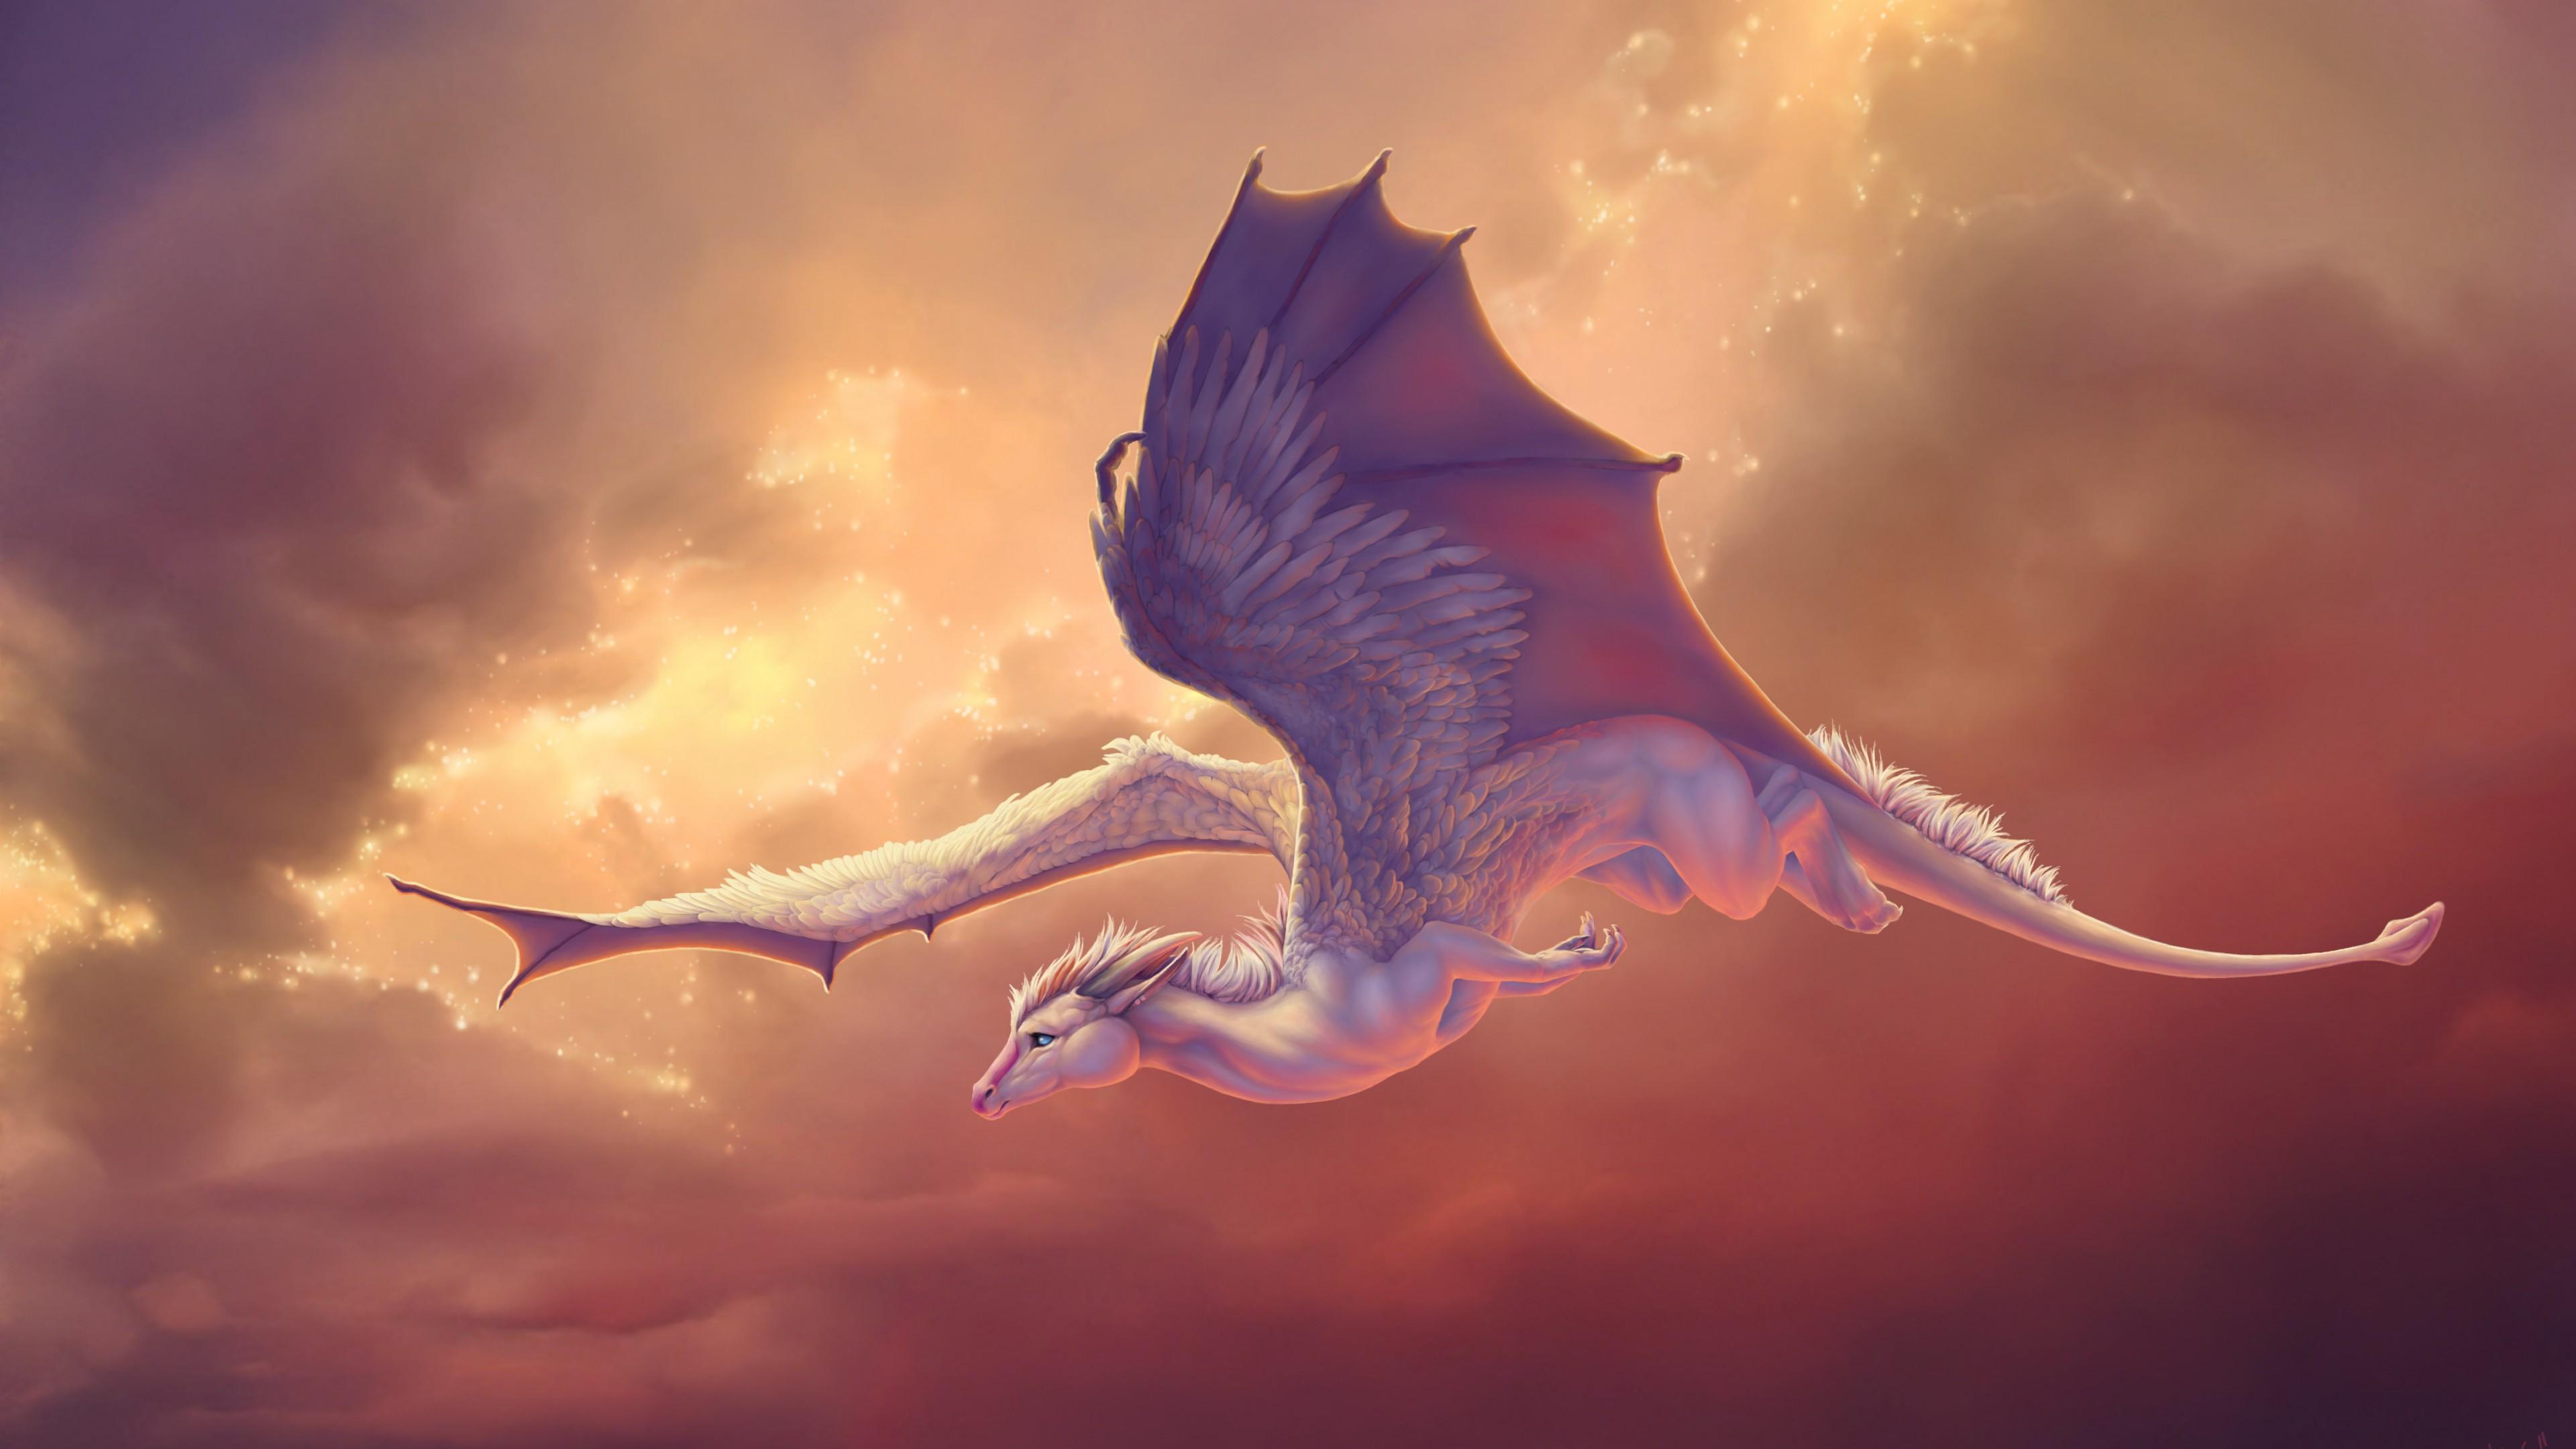 Wallpaper Dragon 4k Hd Wallpaper Wings Sky Pegasus Creation